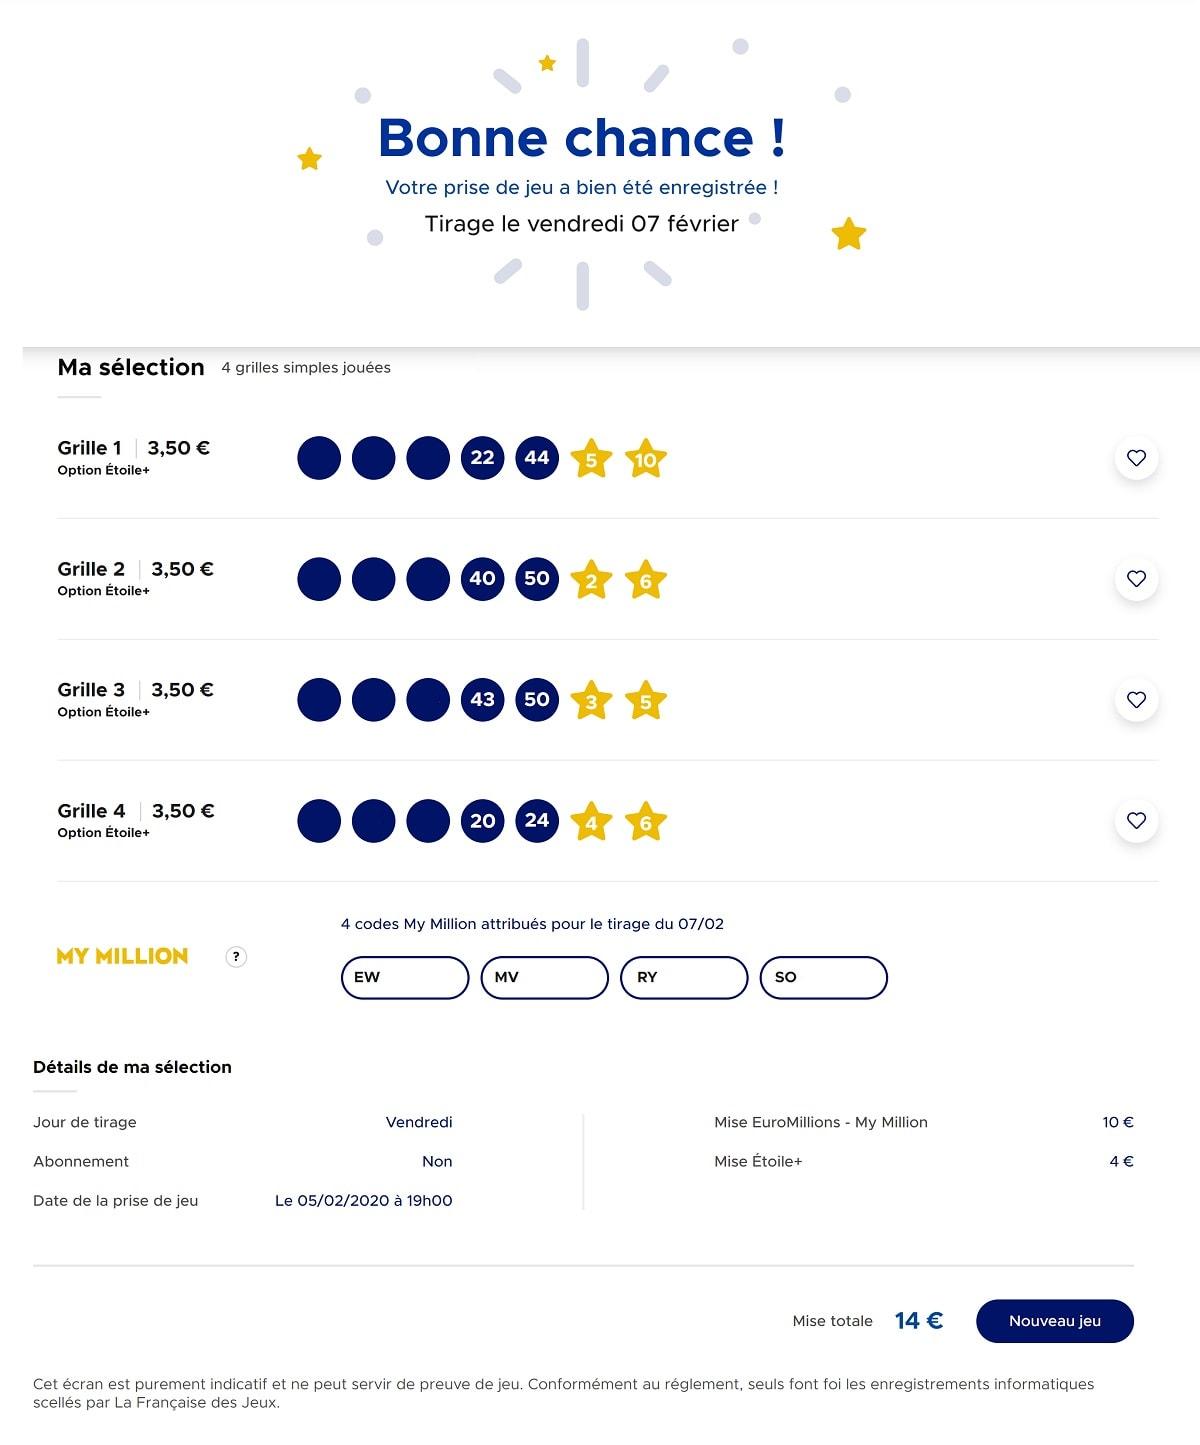 Choisissez vos numéros Euromillions pour le 7 février 2020 étape n°2